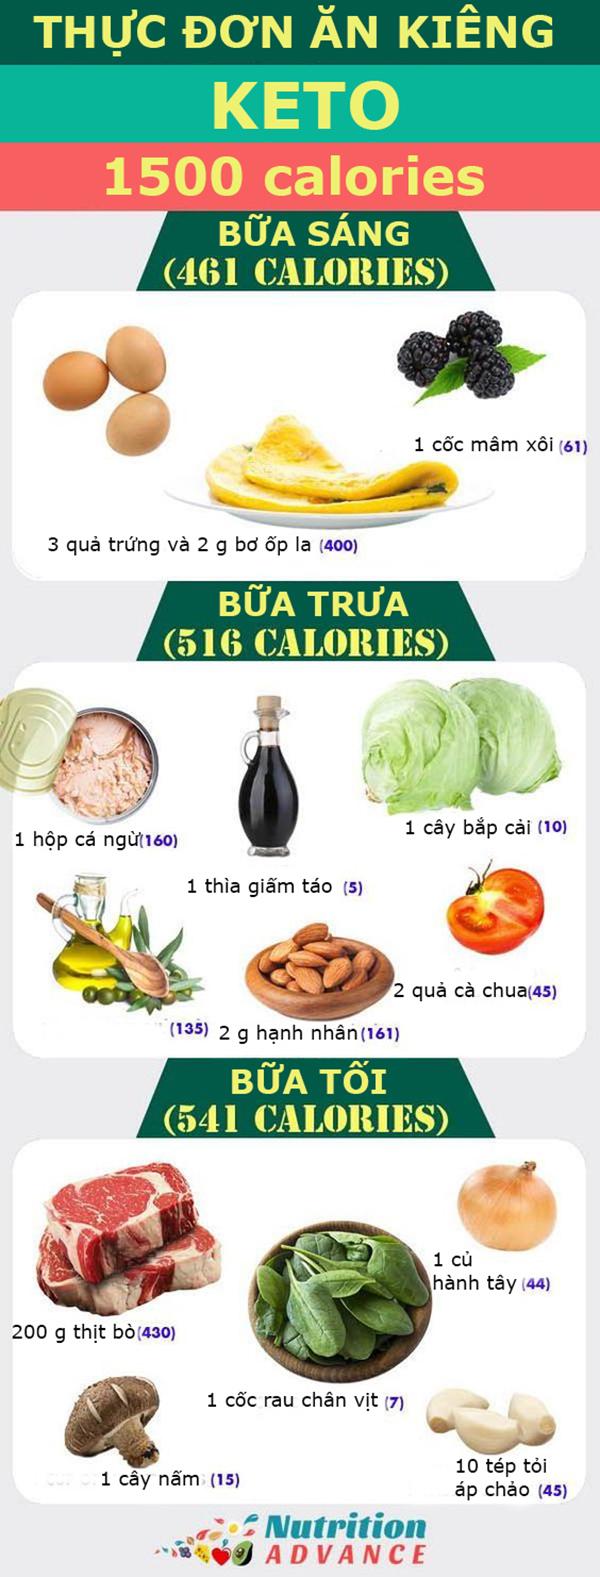 Gợi ý thực đơn ăn kiêng Keto 1500 calories vừa no bụng vừa giúp giảm cân - Ảnh 1